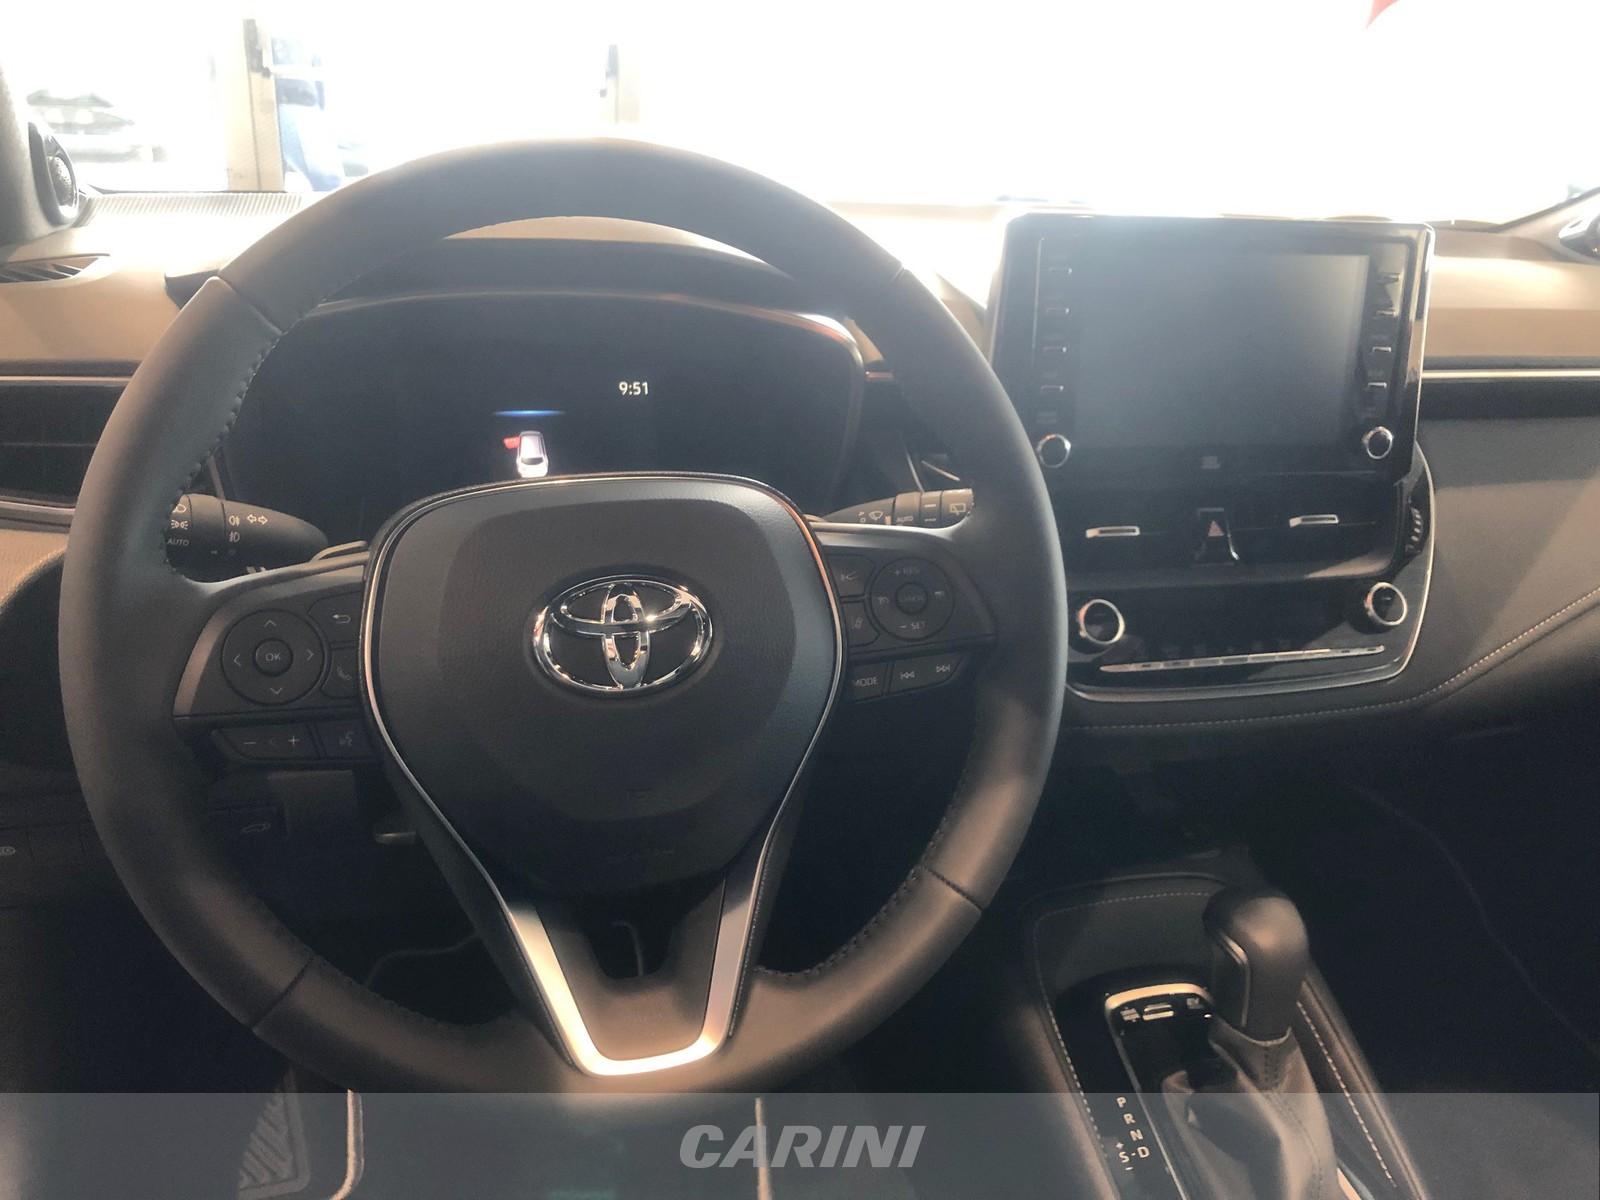 CARINI Toyota Corolla